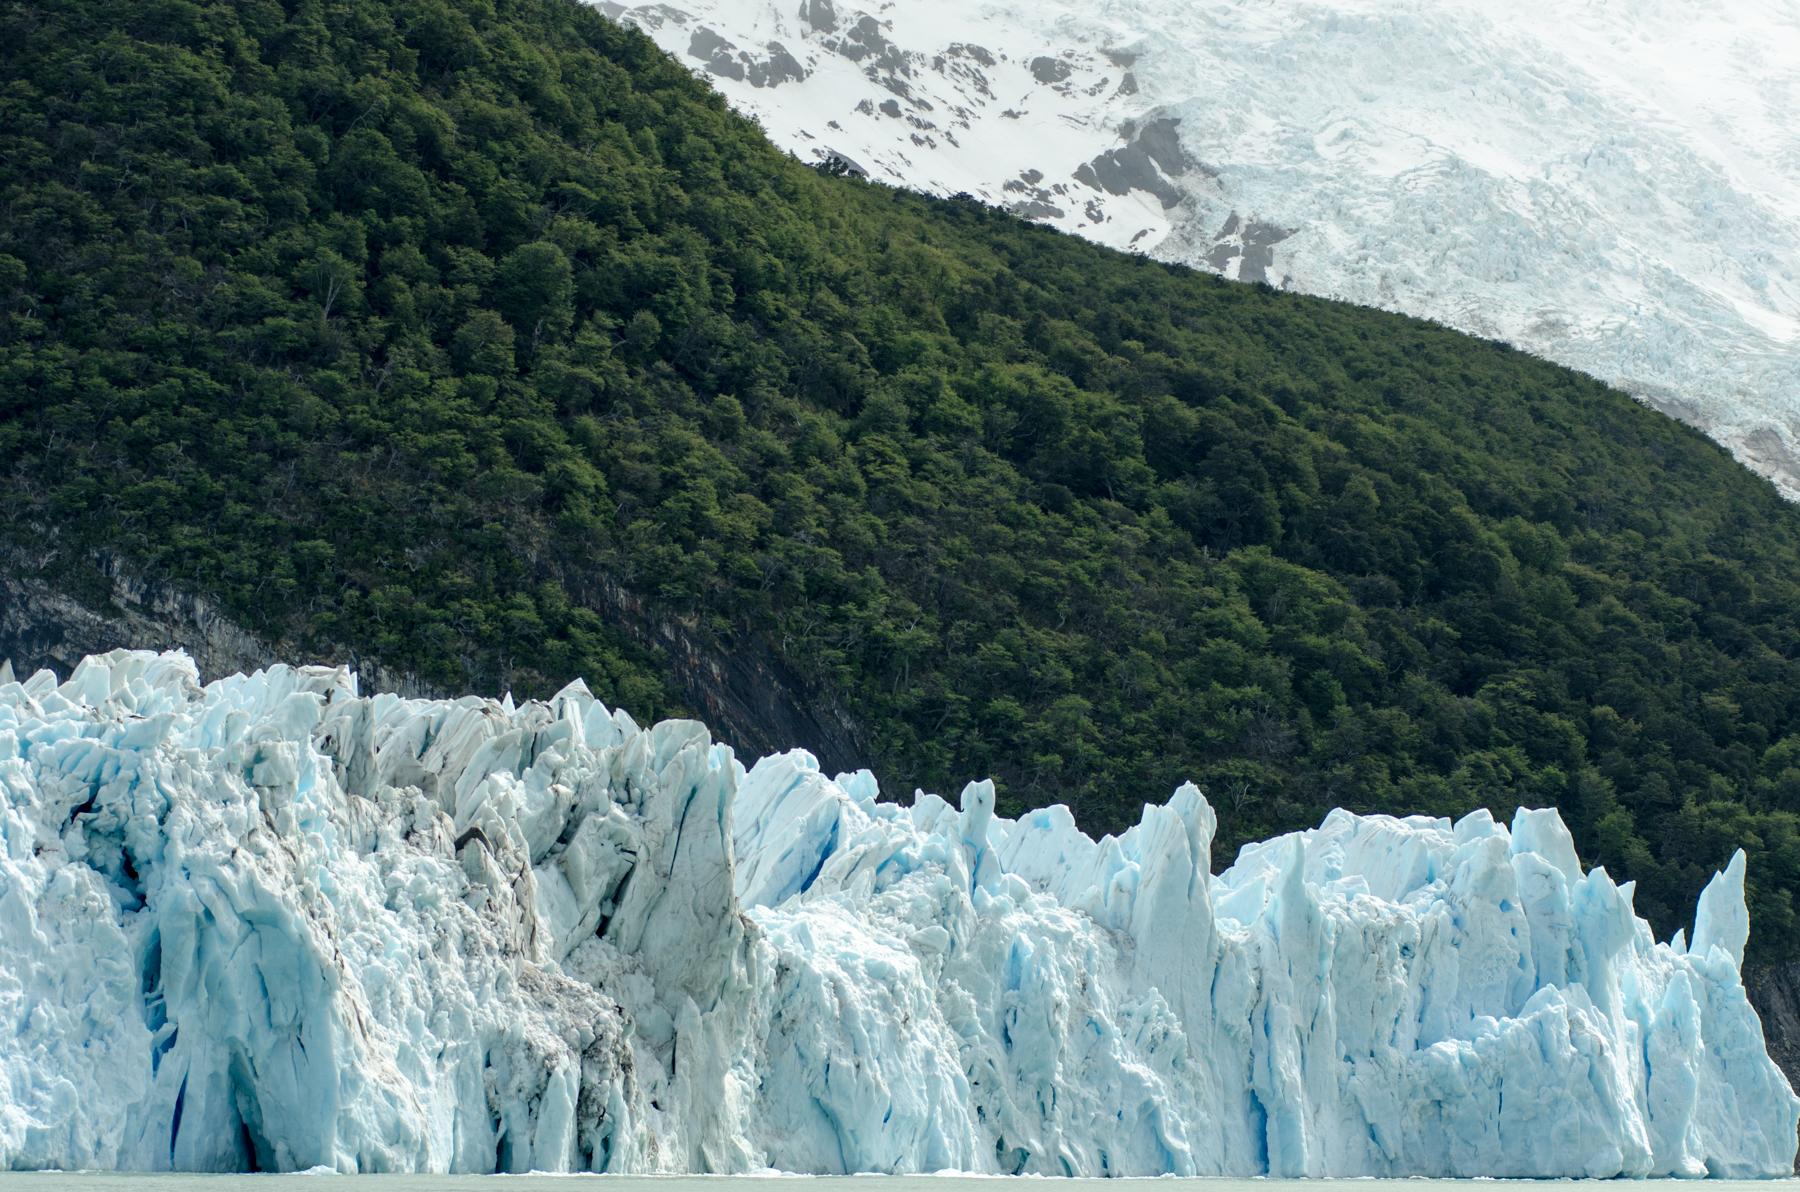 Spegazzini glacier, Los Glaciares National Park, Argentina, Patagonia